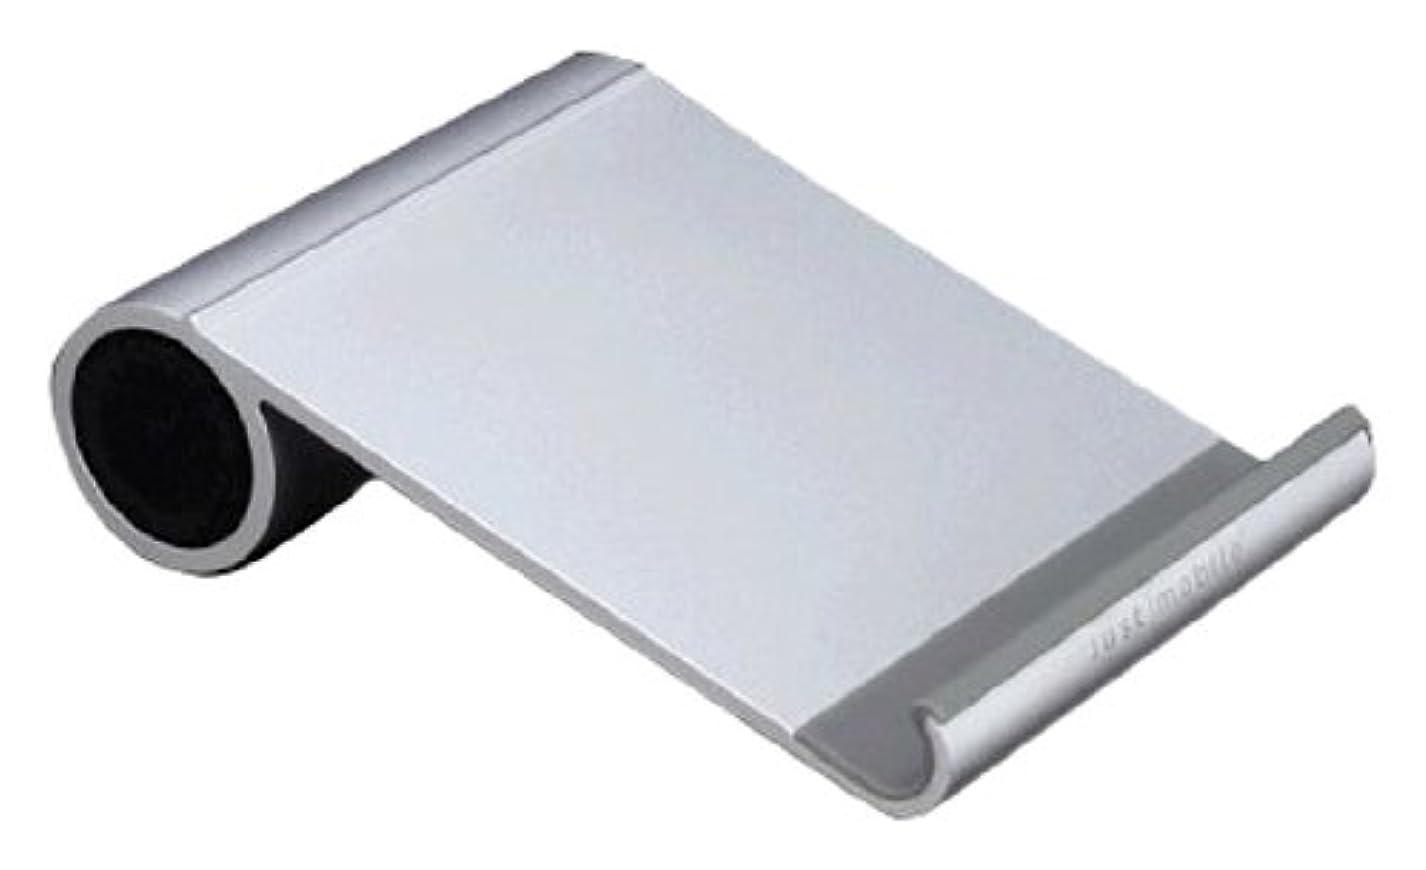 酒ボックス恐ろしいですJust Mobile Slide for iPad JTM-PD-000009